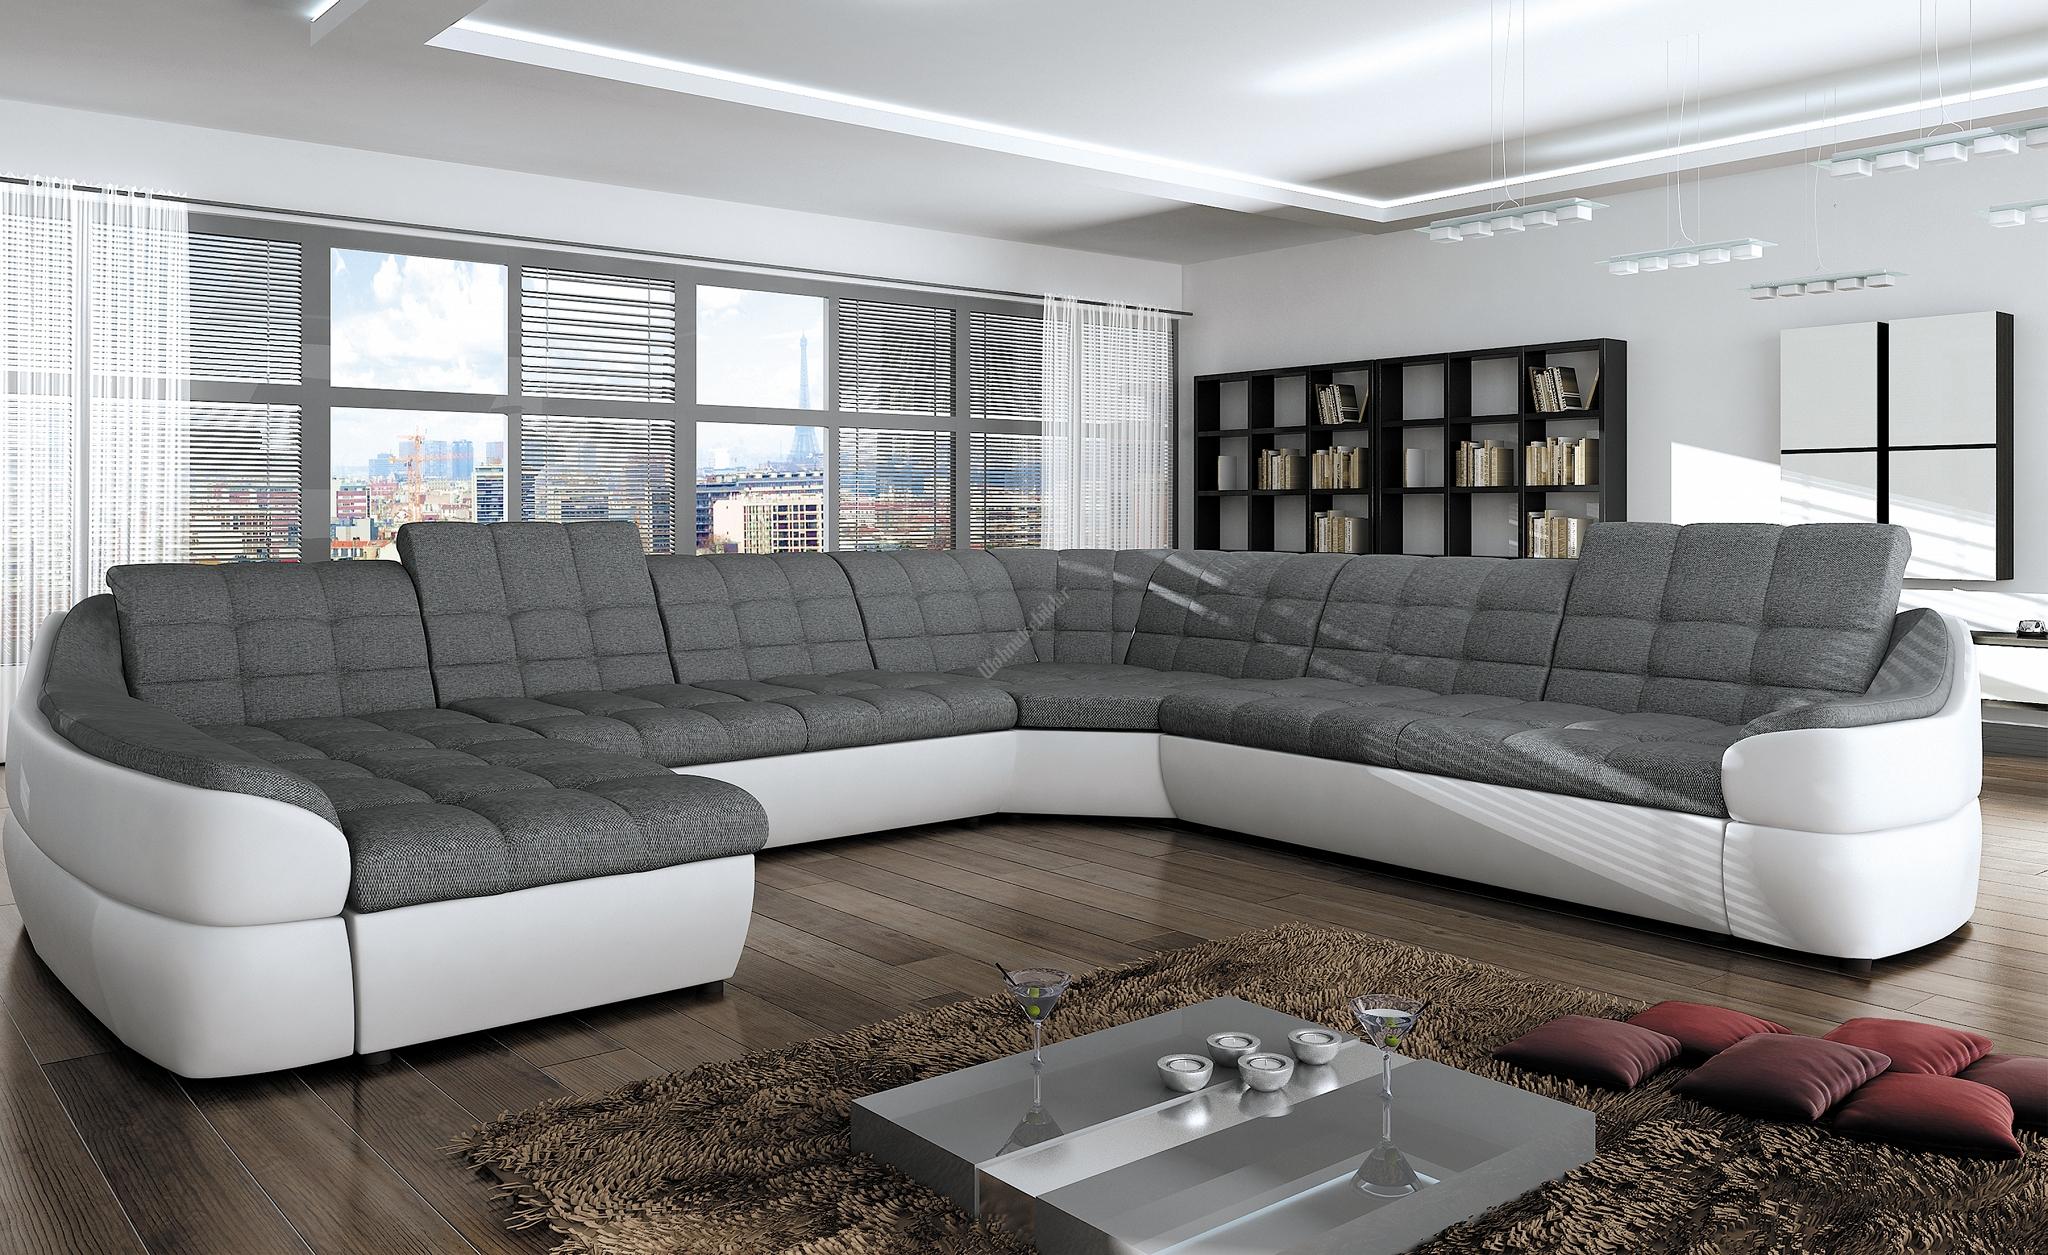 Full Size of L Sofa Mit Schlaffunktion Couchgarnitur Infinity Xl U Couch Schlafzimmer Weiss Betten Aus Holz Bett Ohne Kopfteil Kanban Regal Fackelmann Bad Himolla Sofa L Sofa Mit Schlaffunktion